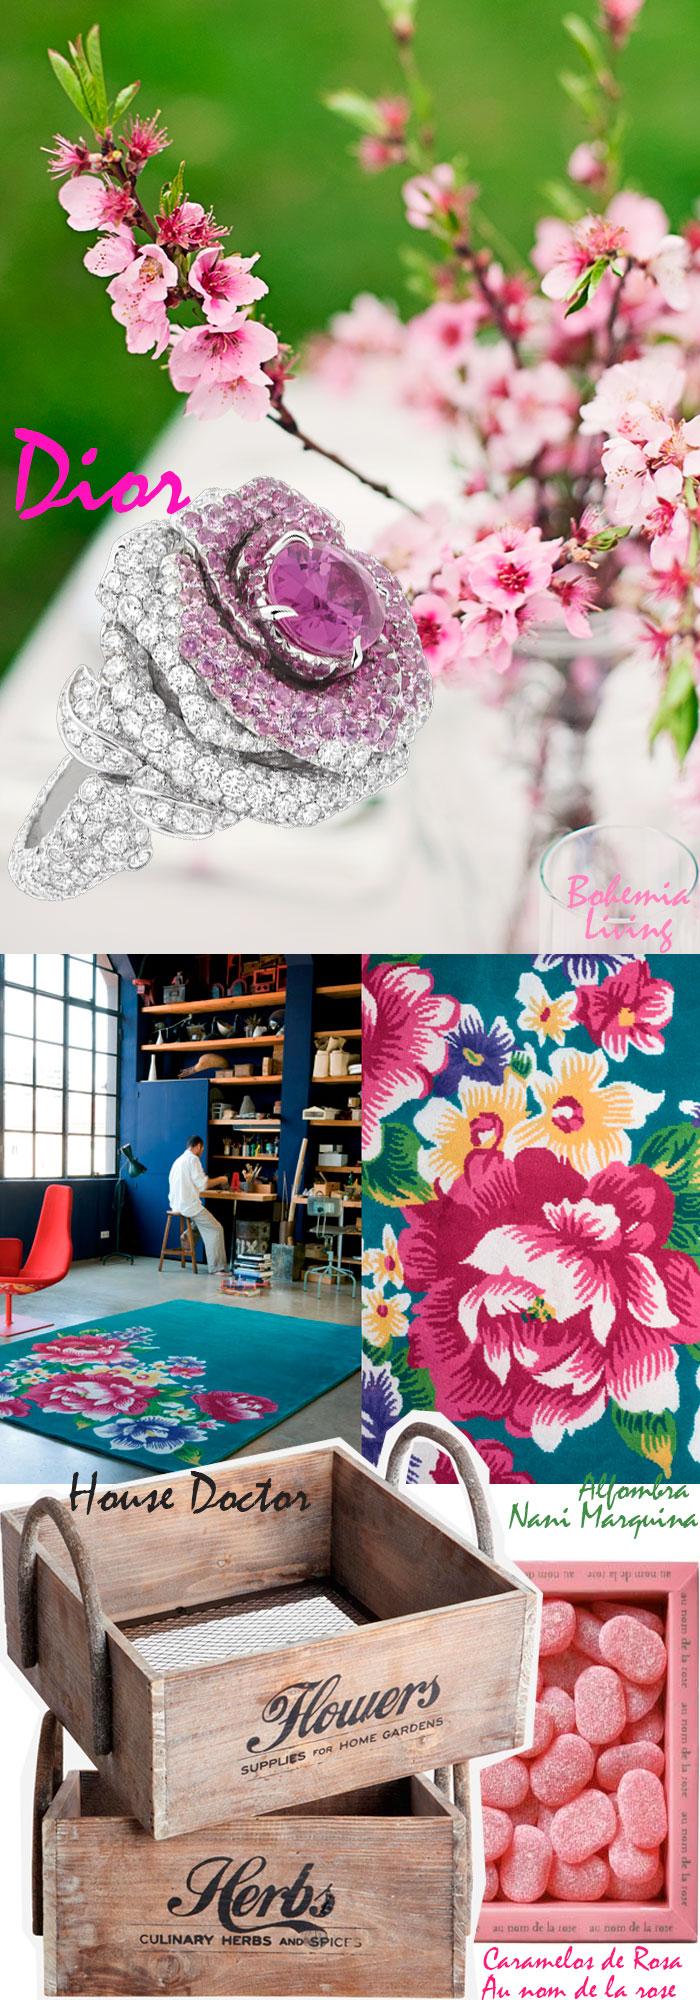 Flores tendencia verano 2013 Dior, Nani Marquina, House Doctor